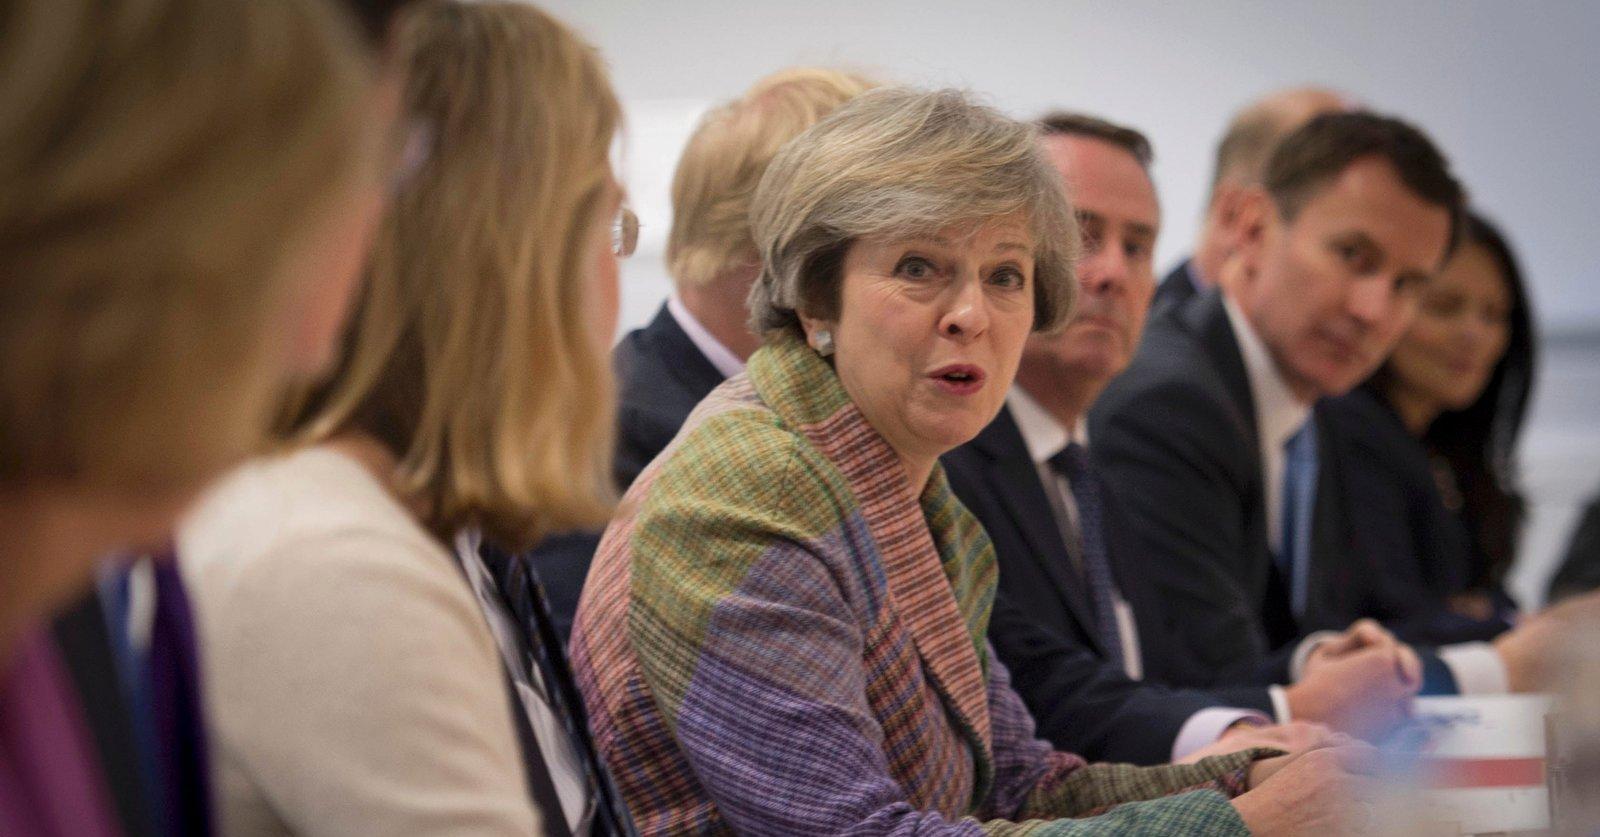 T. May: Konieczne jest przełożenie terminu brexitu, by parlament mógł zaakceptować umowę dotyczącą wyjścia